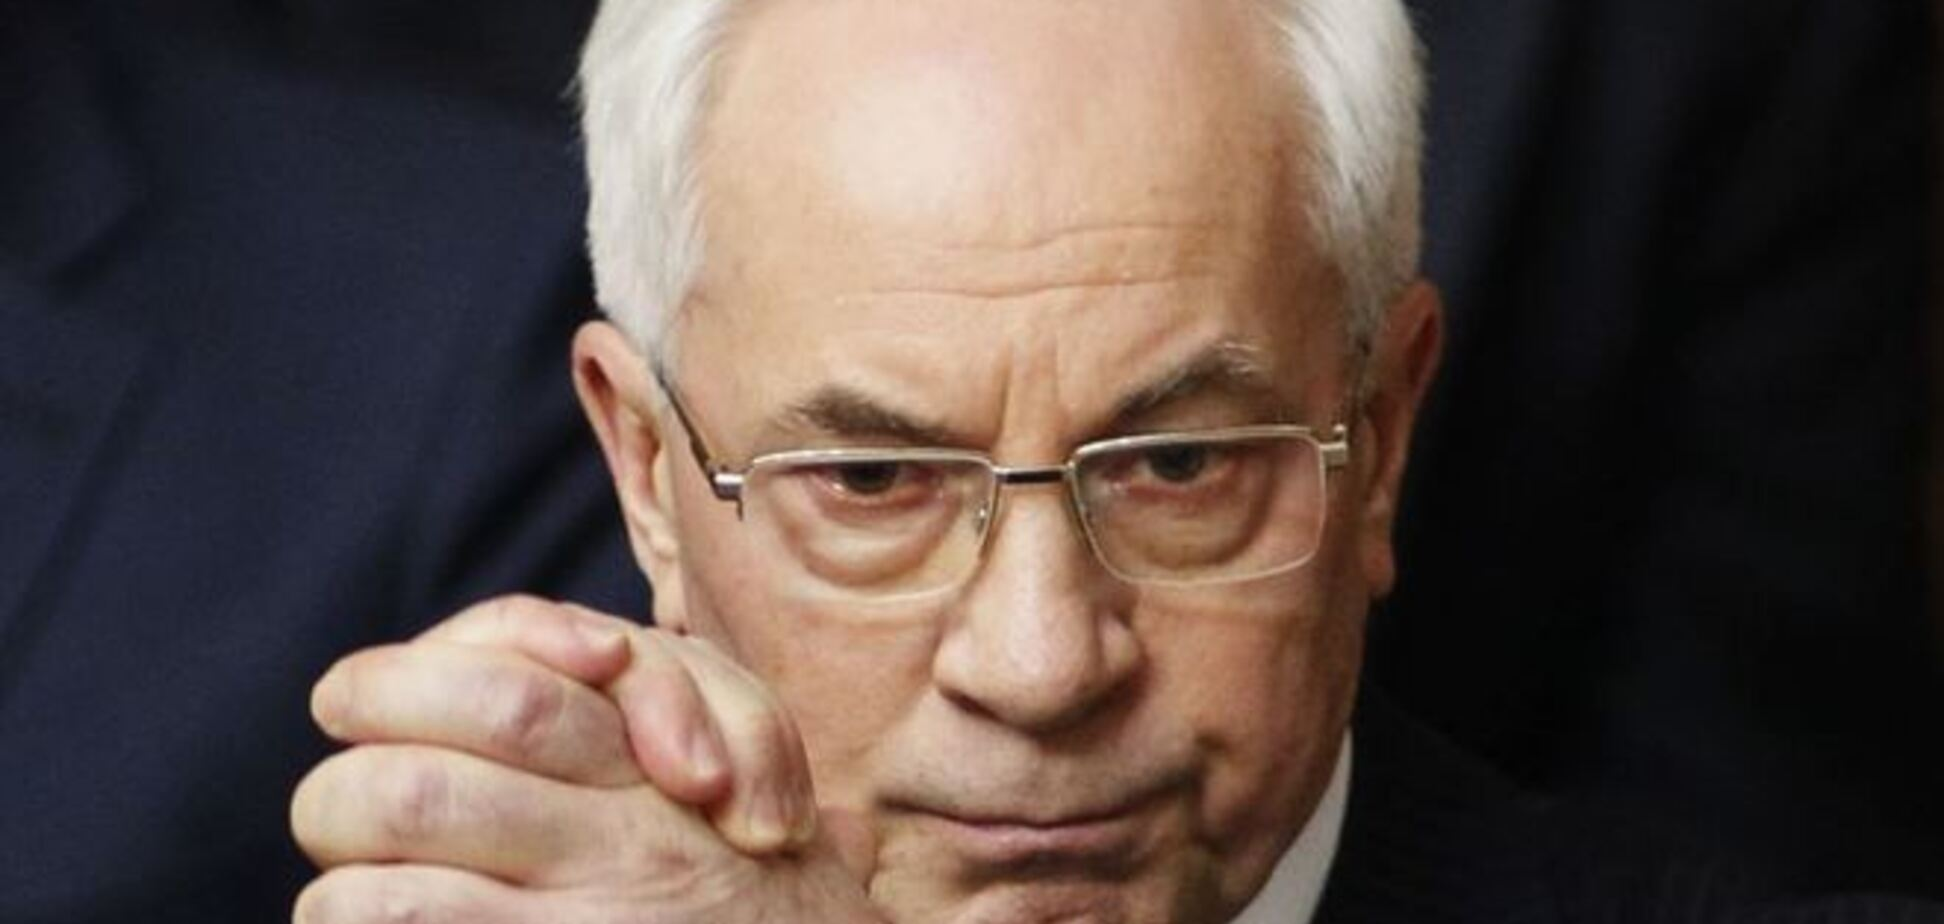 Азаровым не подписано ни одно постановление Кабмина о подавлении Евромайдана - ВСК